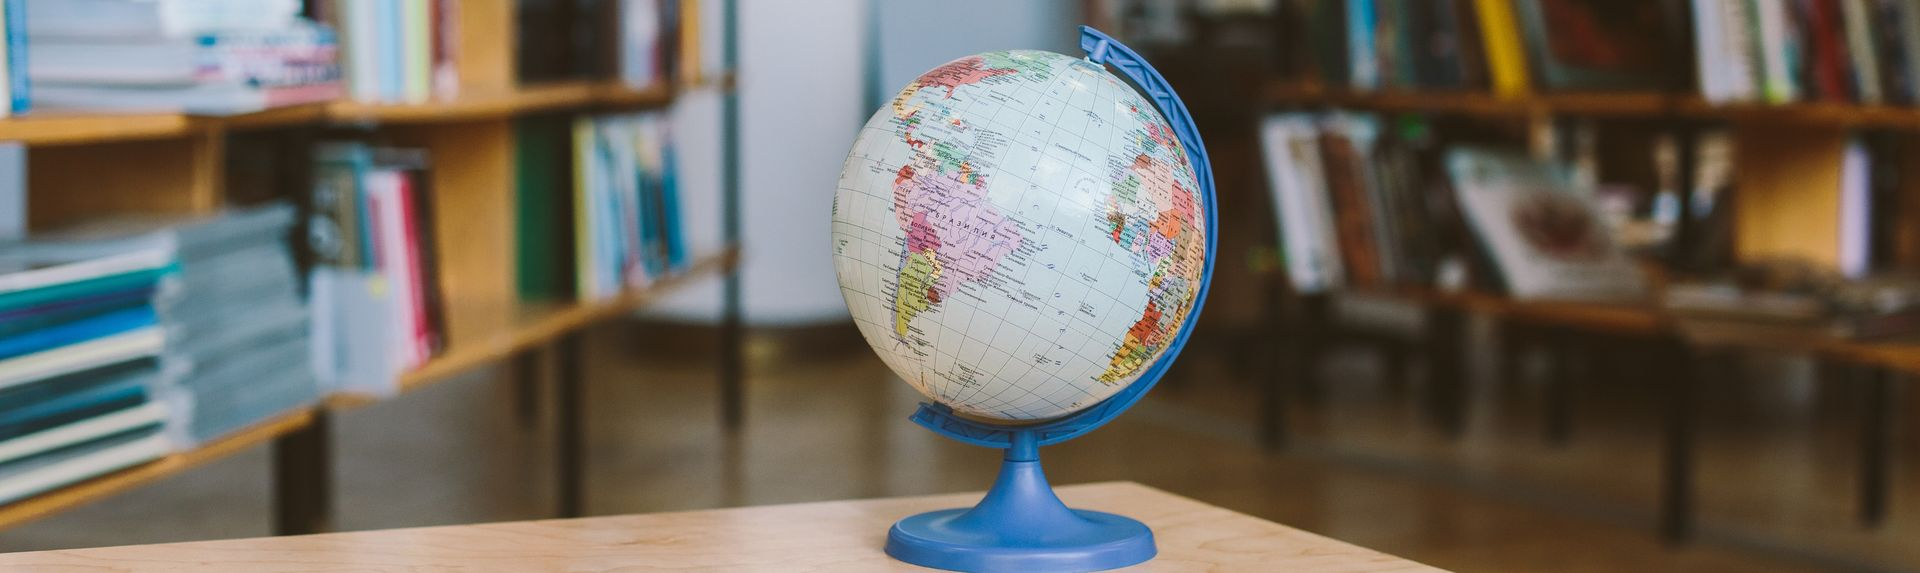 Global jobs FourVision